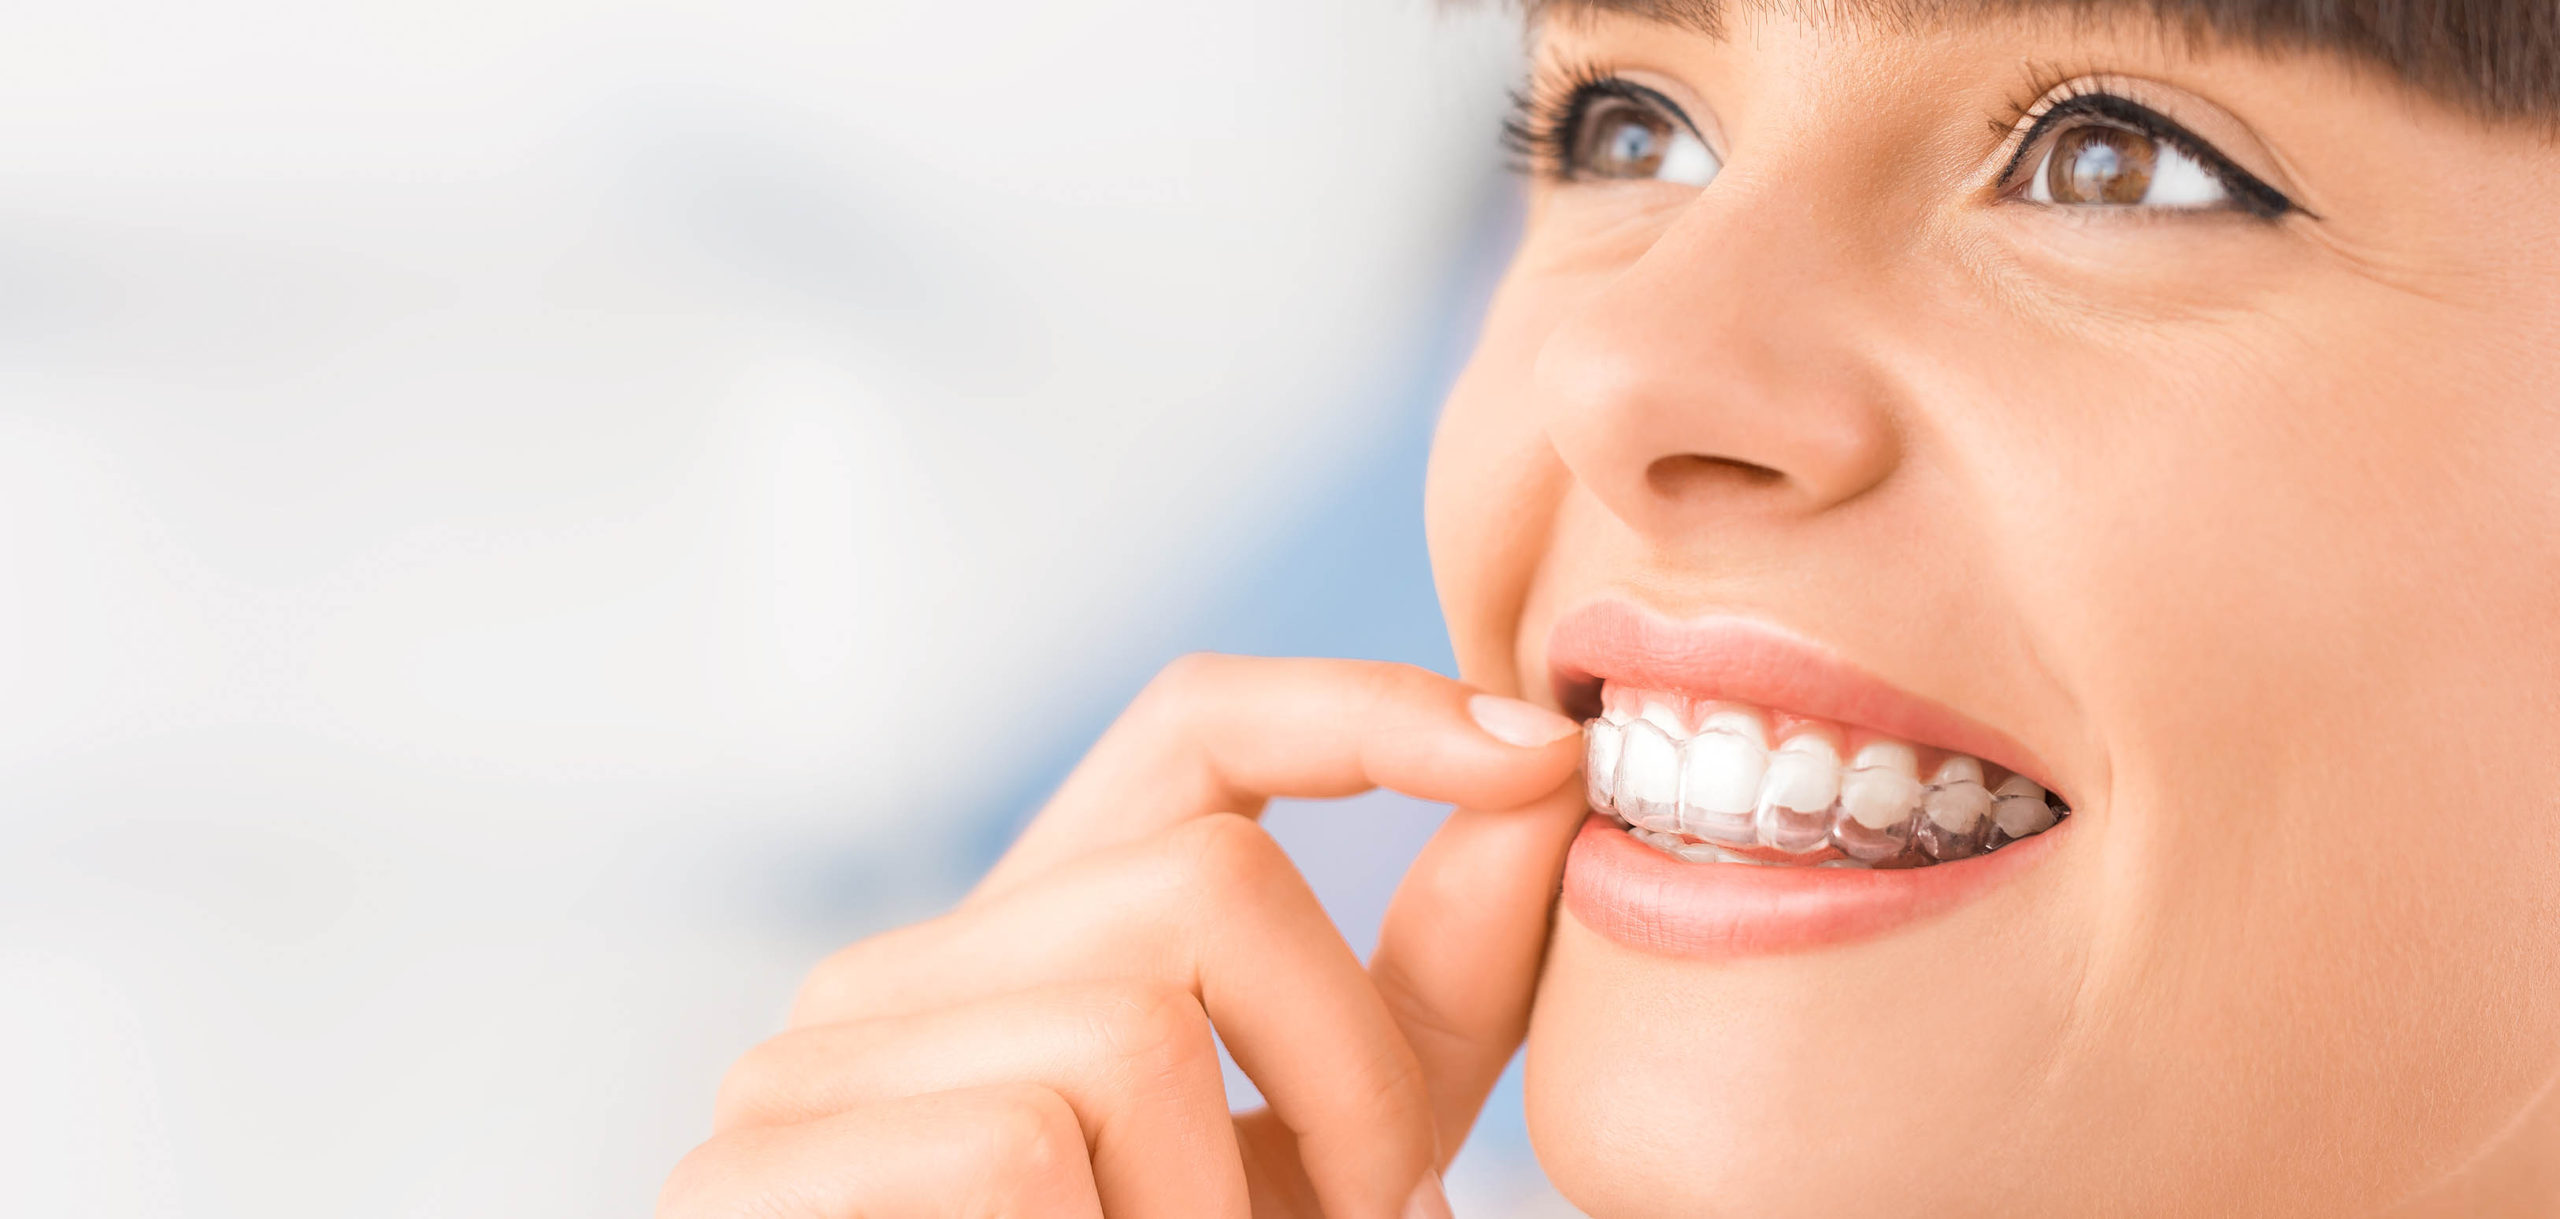 Invisalign - Studio Dentistico Lucaferri